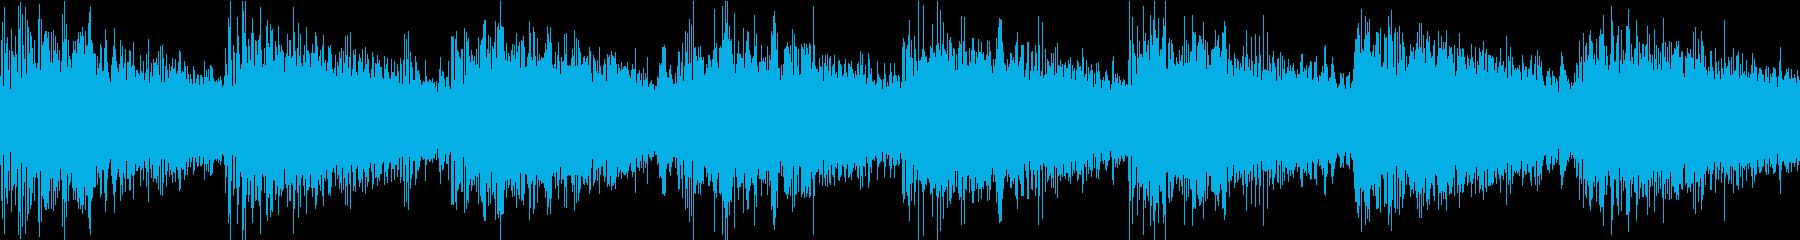 サイレン 緊急 防災 アラーム 警報 7の再生済みの波形